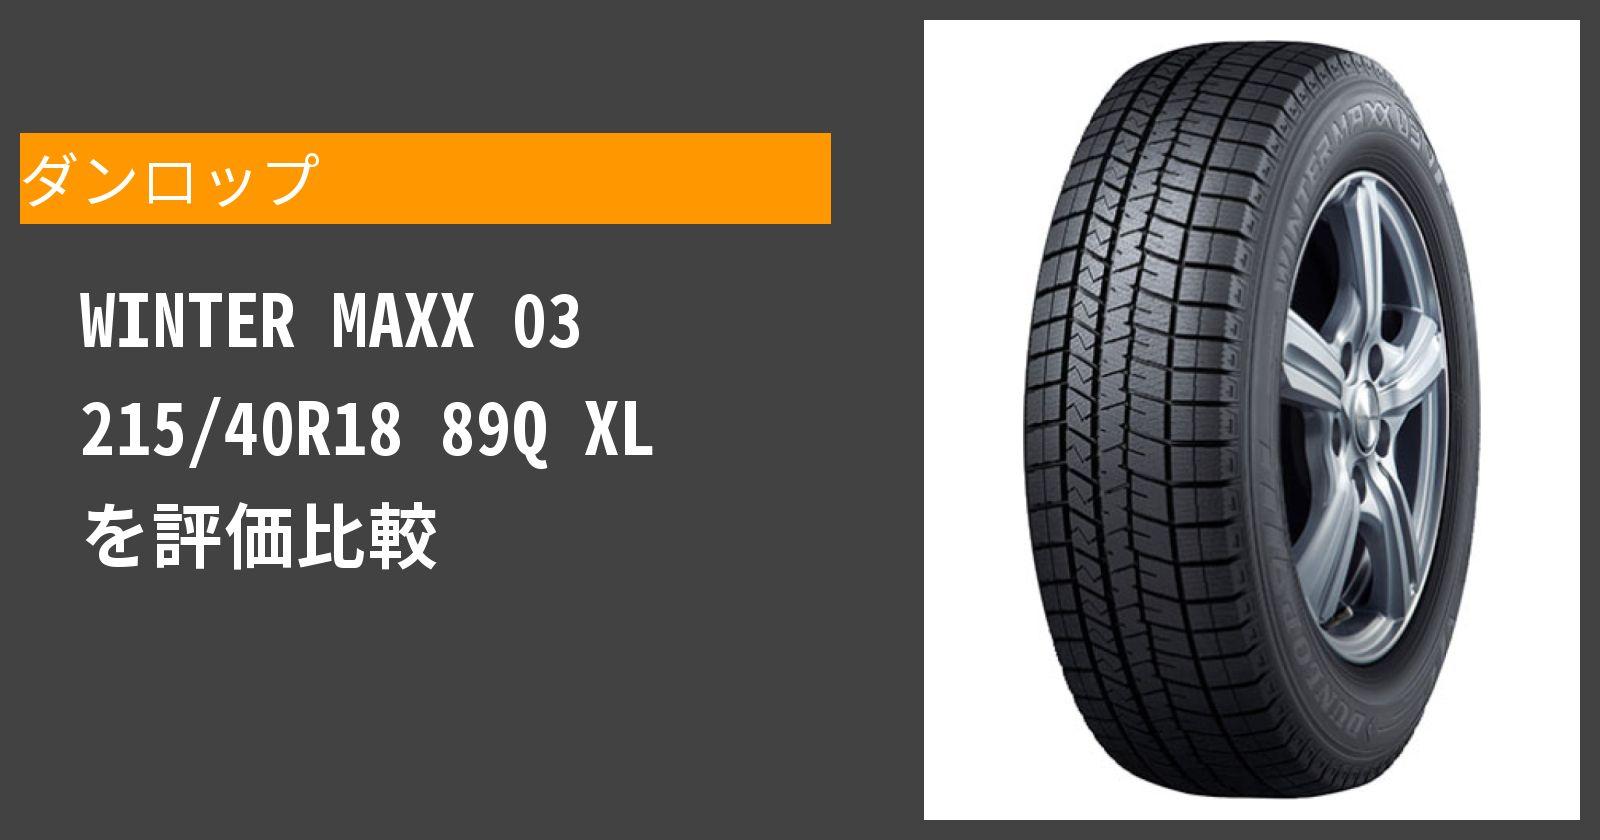 WINTER MAXX 03 215/40R18 89Q XLを徹底評価